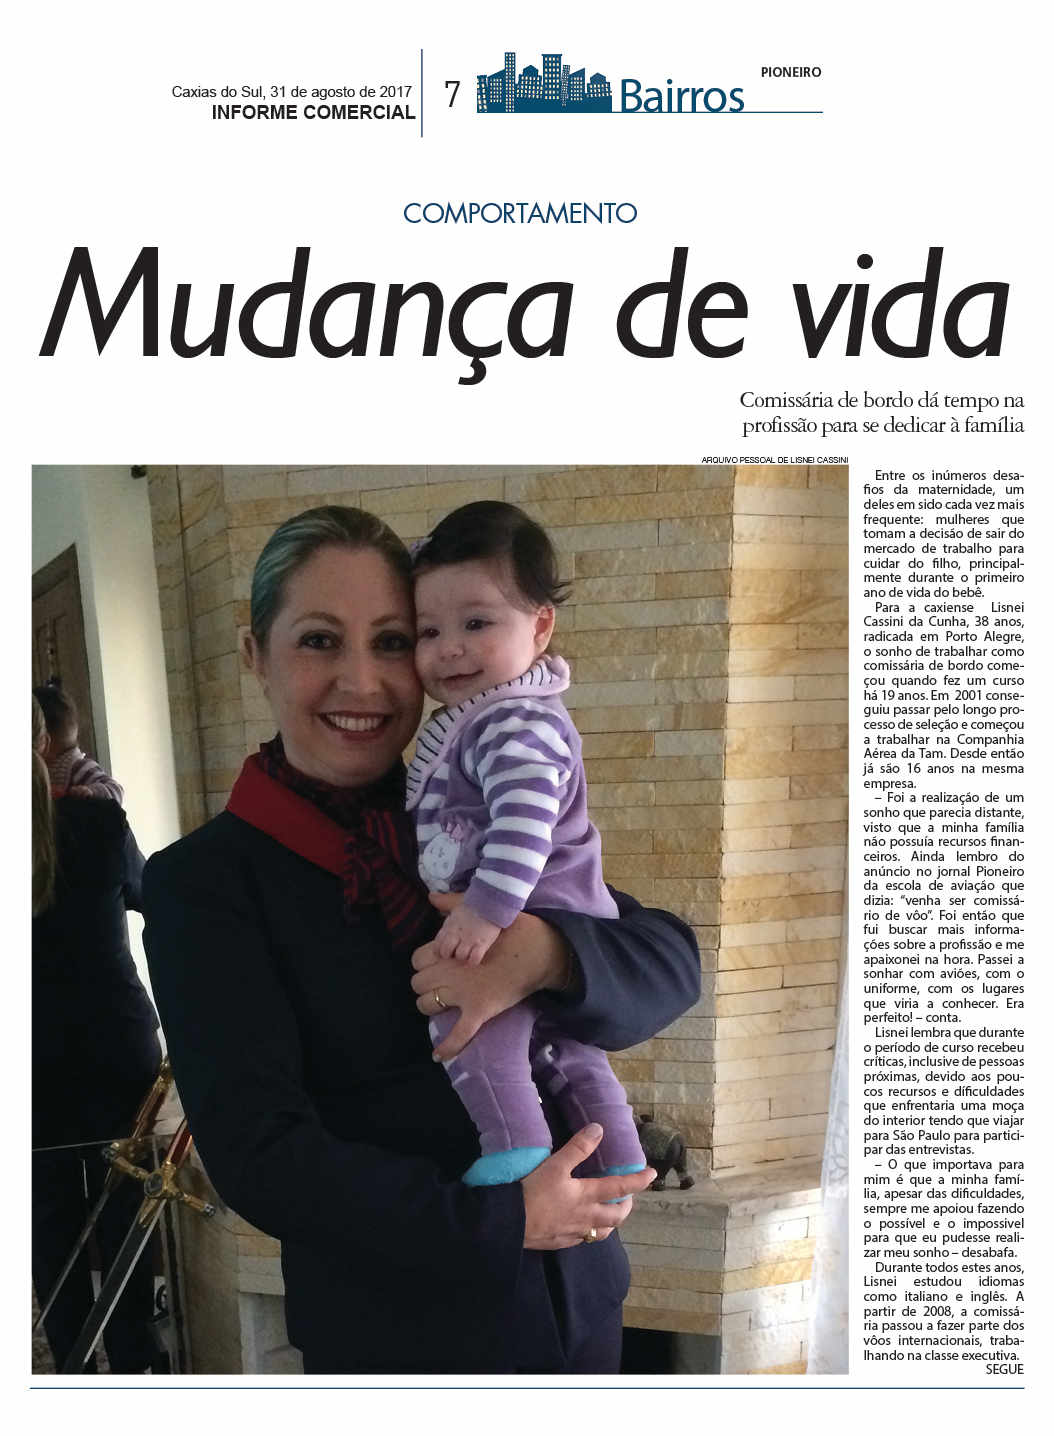 Página 7 - Jornal Pioneiro de Caxias do Sul